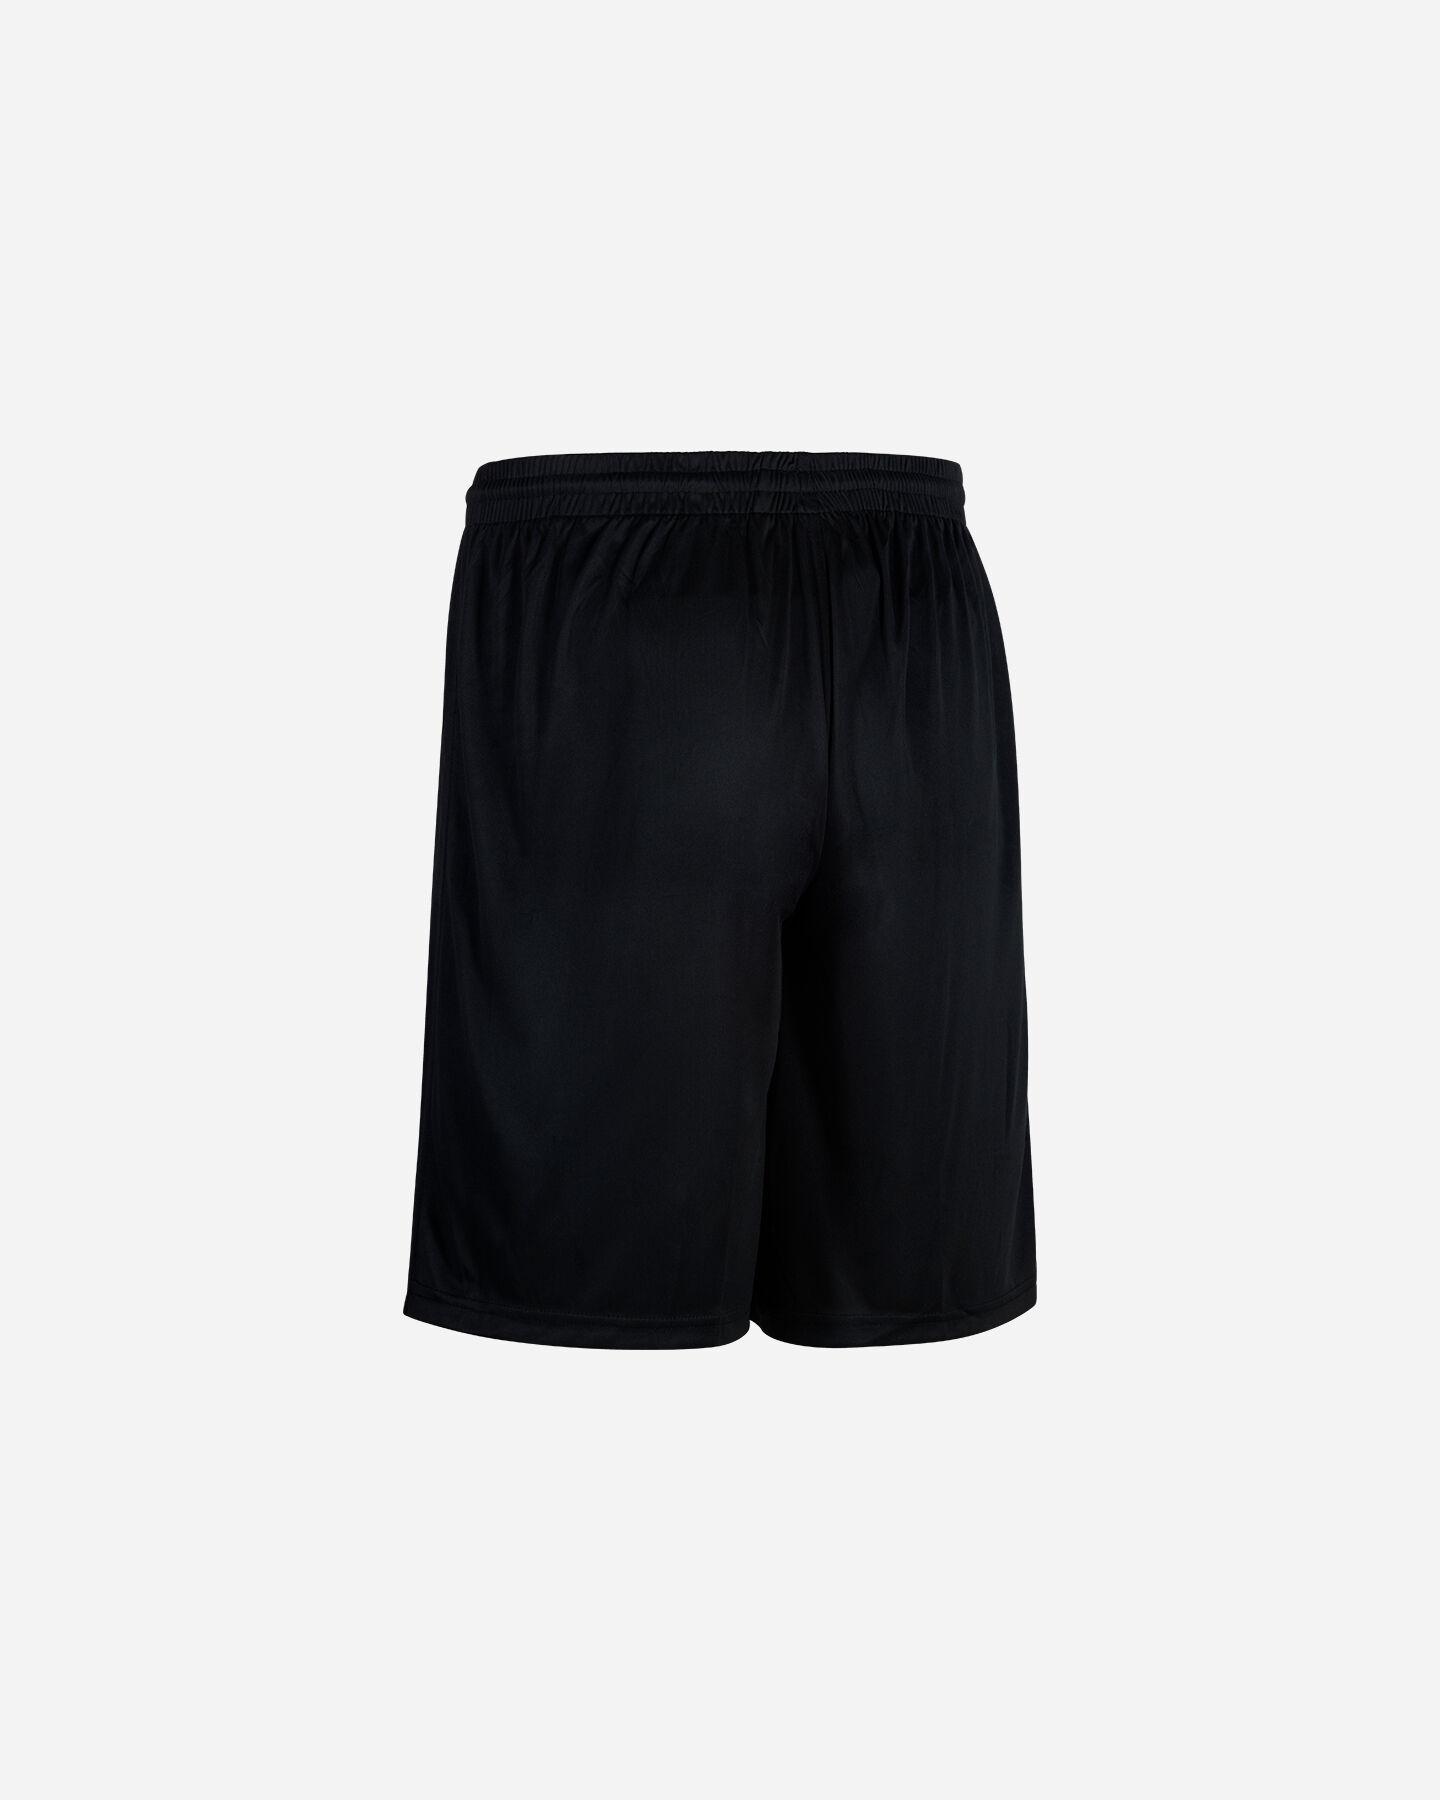 Pantaloncini calcio PRO TOUCH FOOTBALL PRO M S1160934 scatto 5